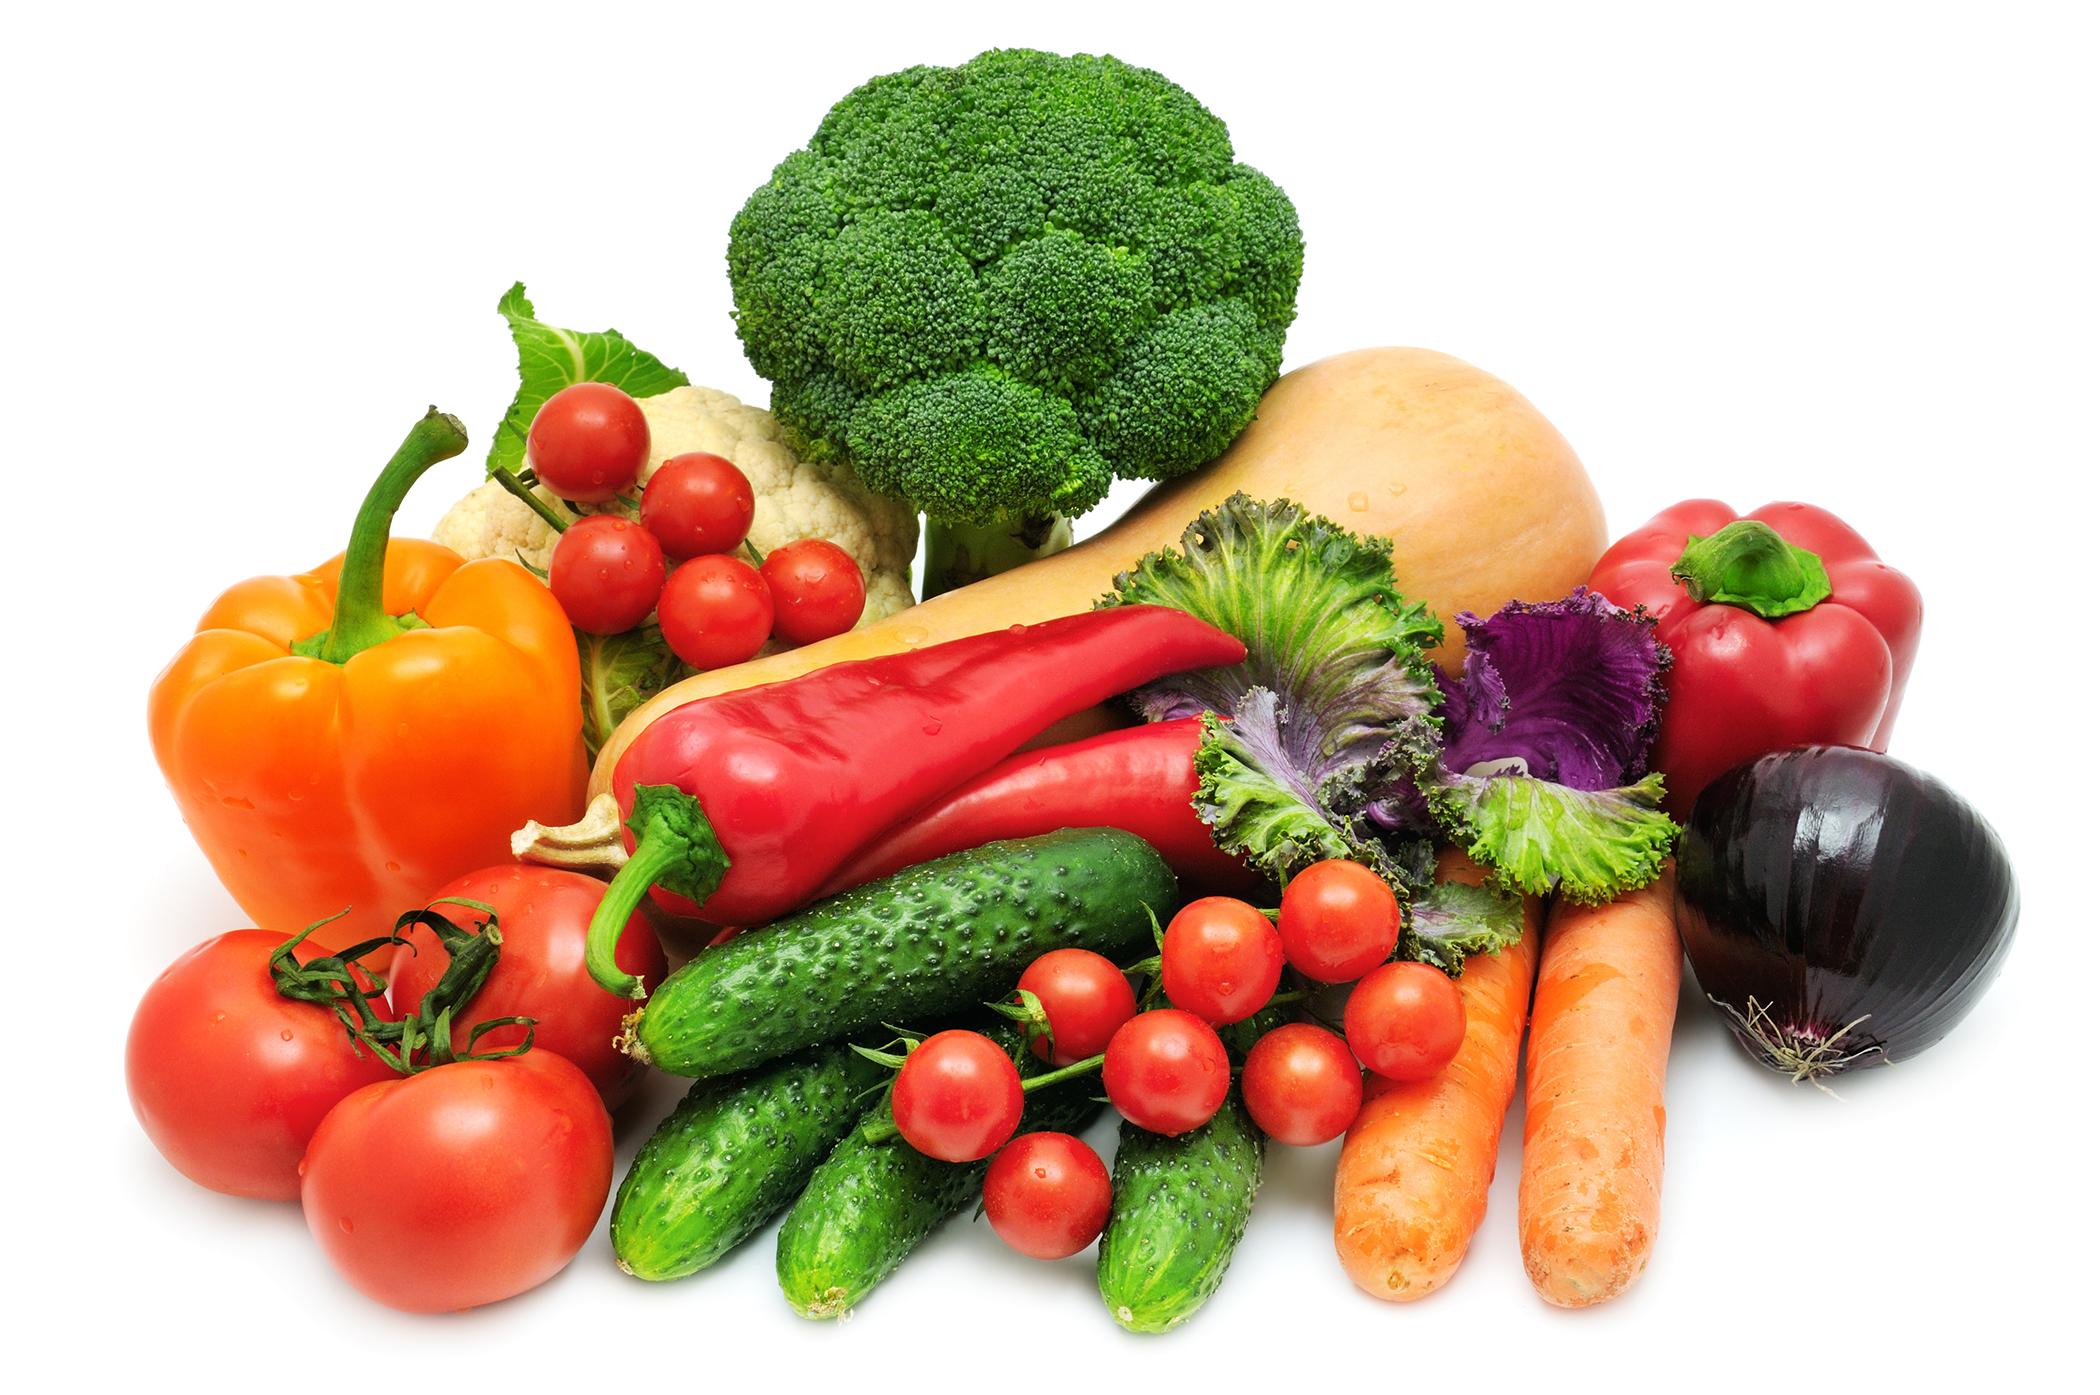 Png Vegetables. Vegetable Transparent Ar #45928.